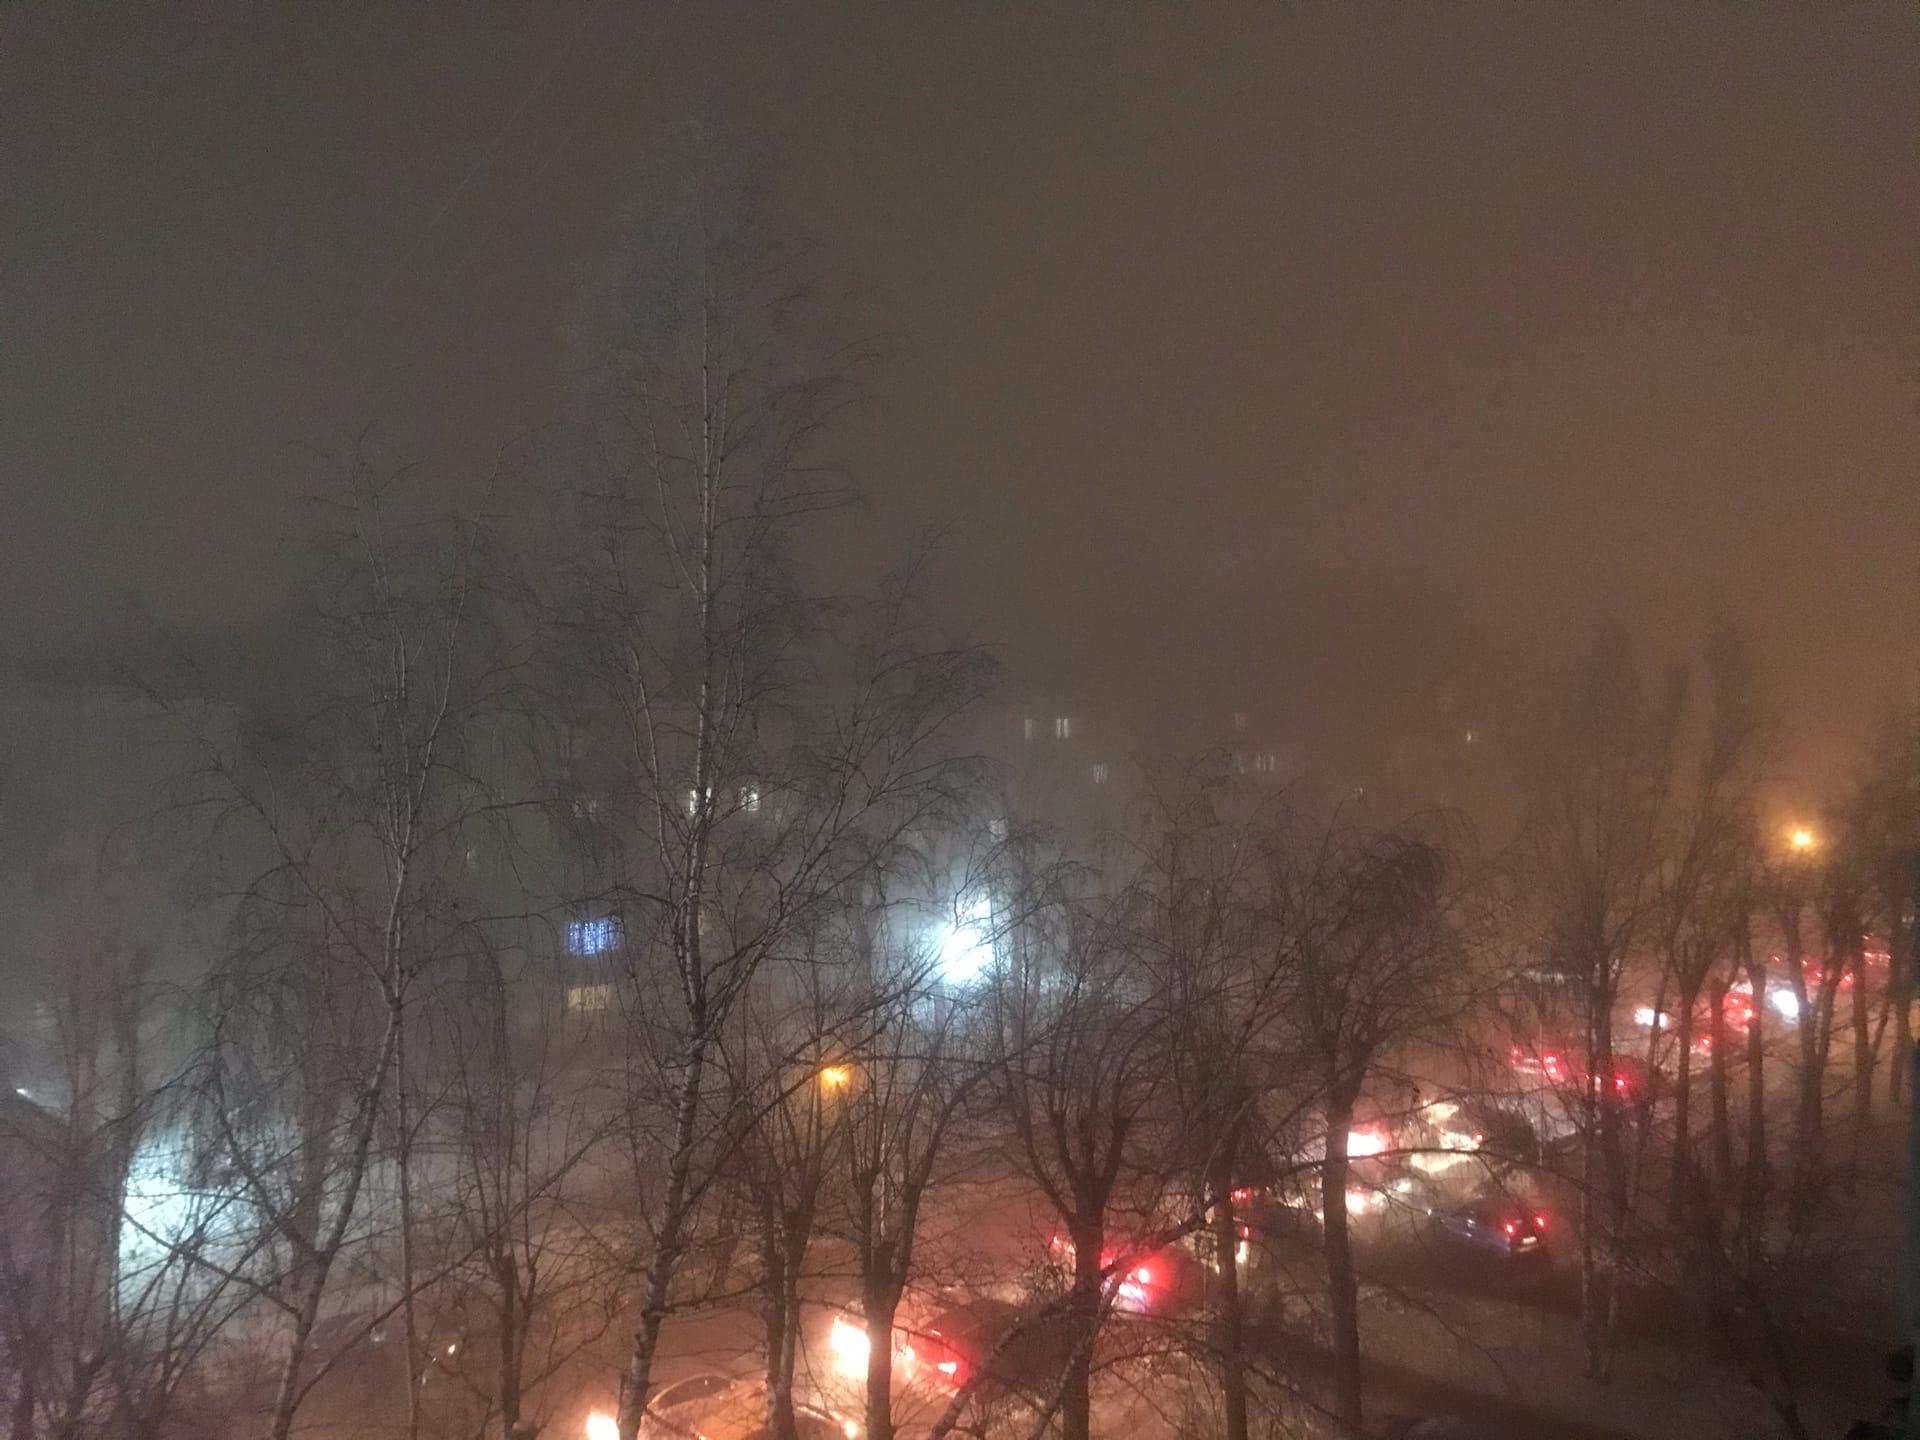 Фото «Прокашлялись, прочихались и живём дальше»: чем опасен режим «черного неба» в Новосибирске и как он убивает людей 4